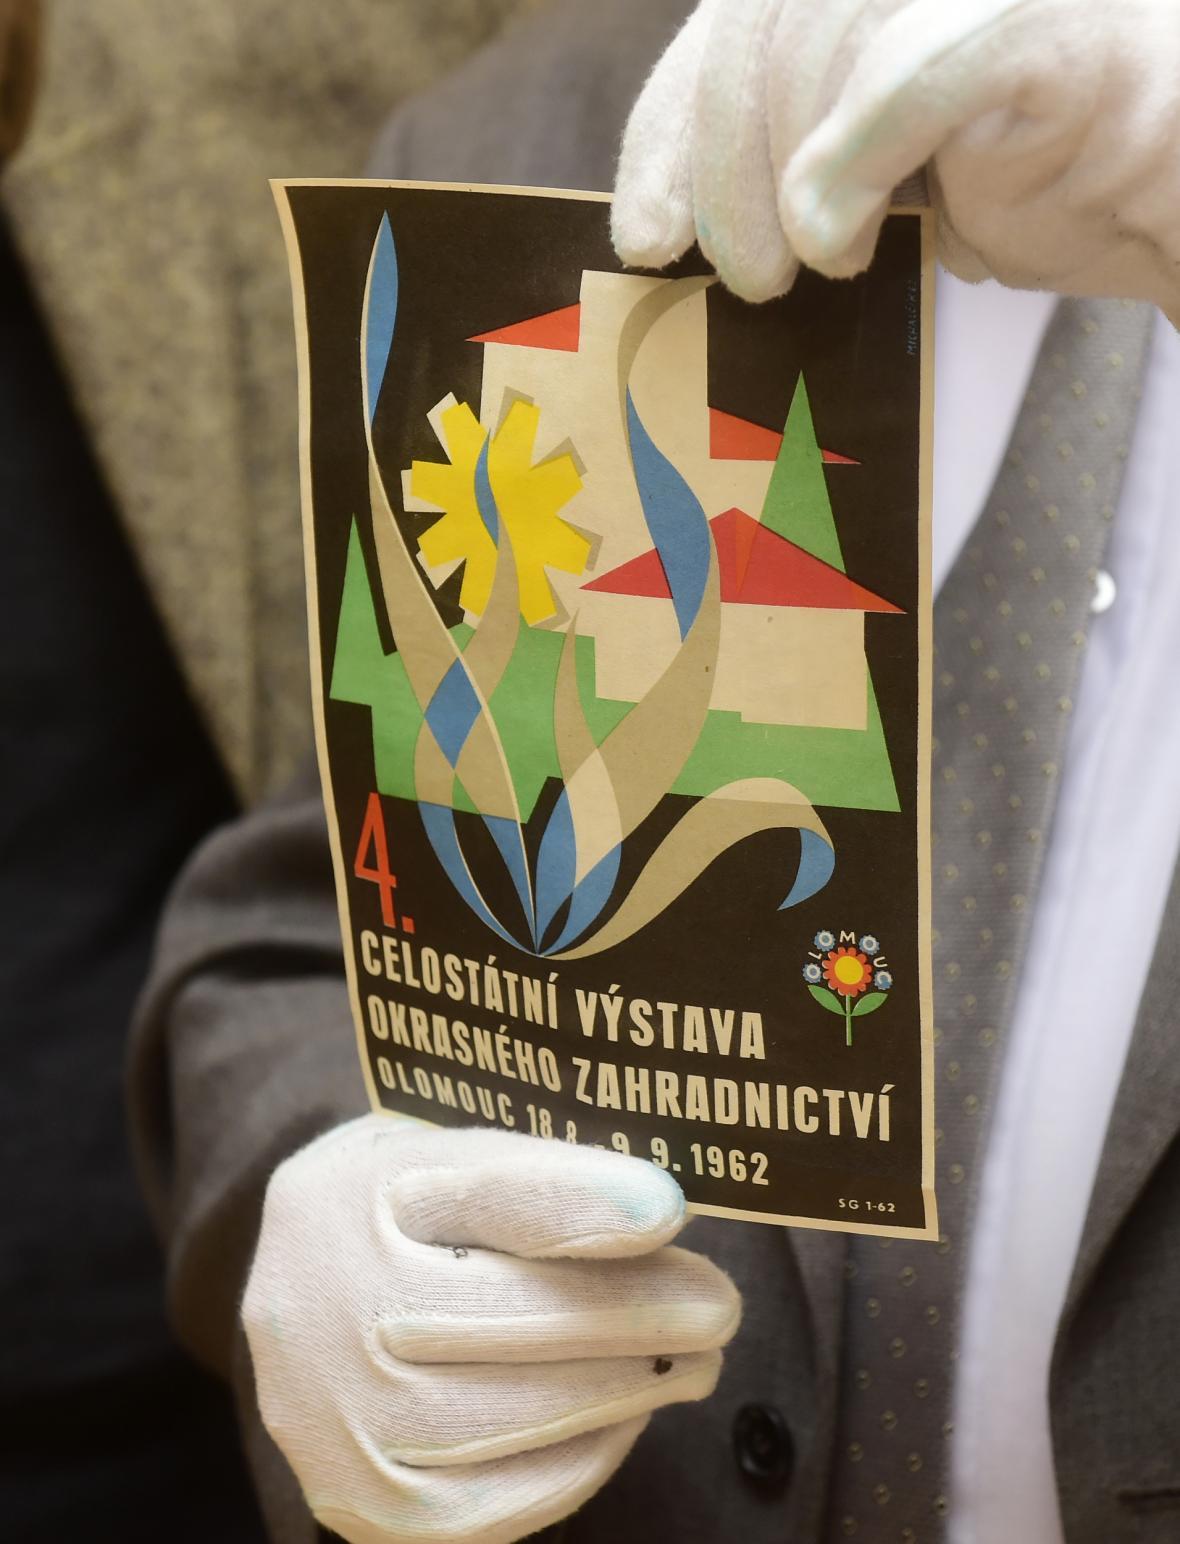 Plakát na 4. ročník výstavy okrasného zahradnictví z roku 1962, nynější Flory Olomouc.